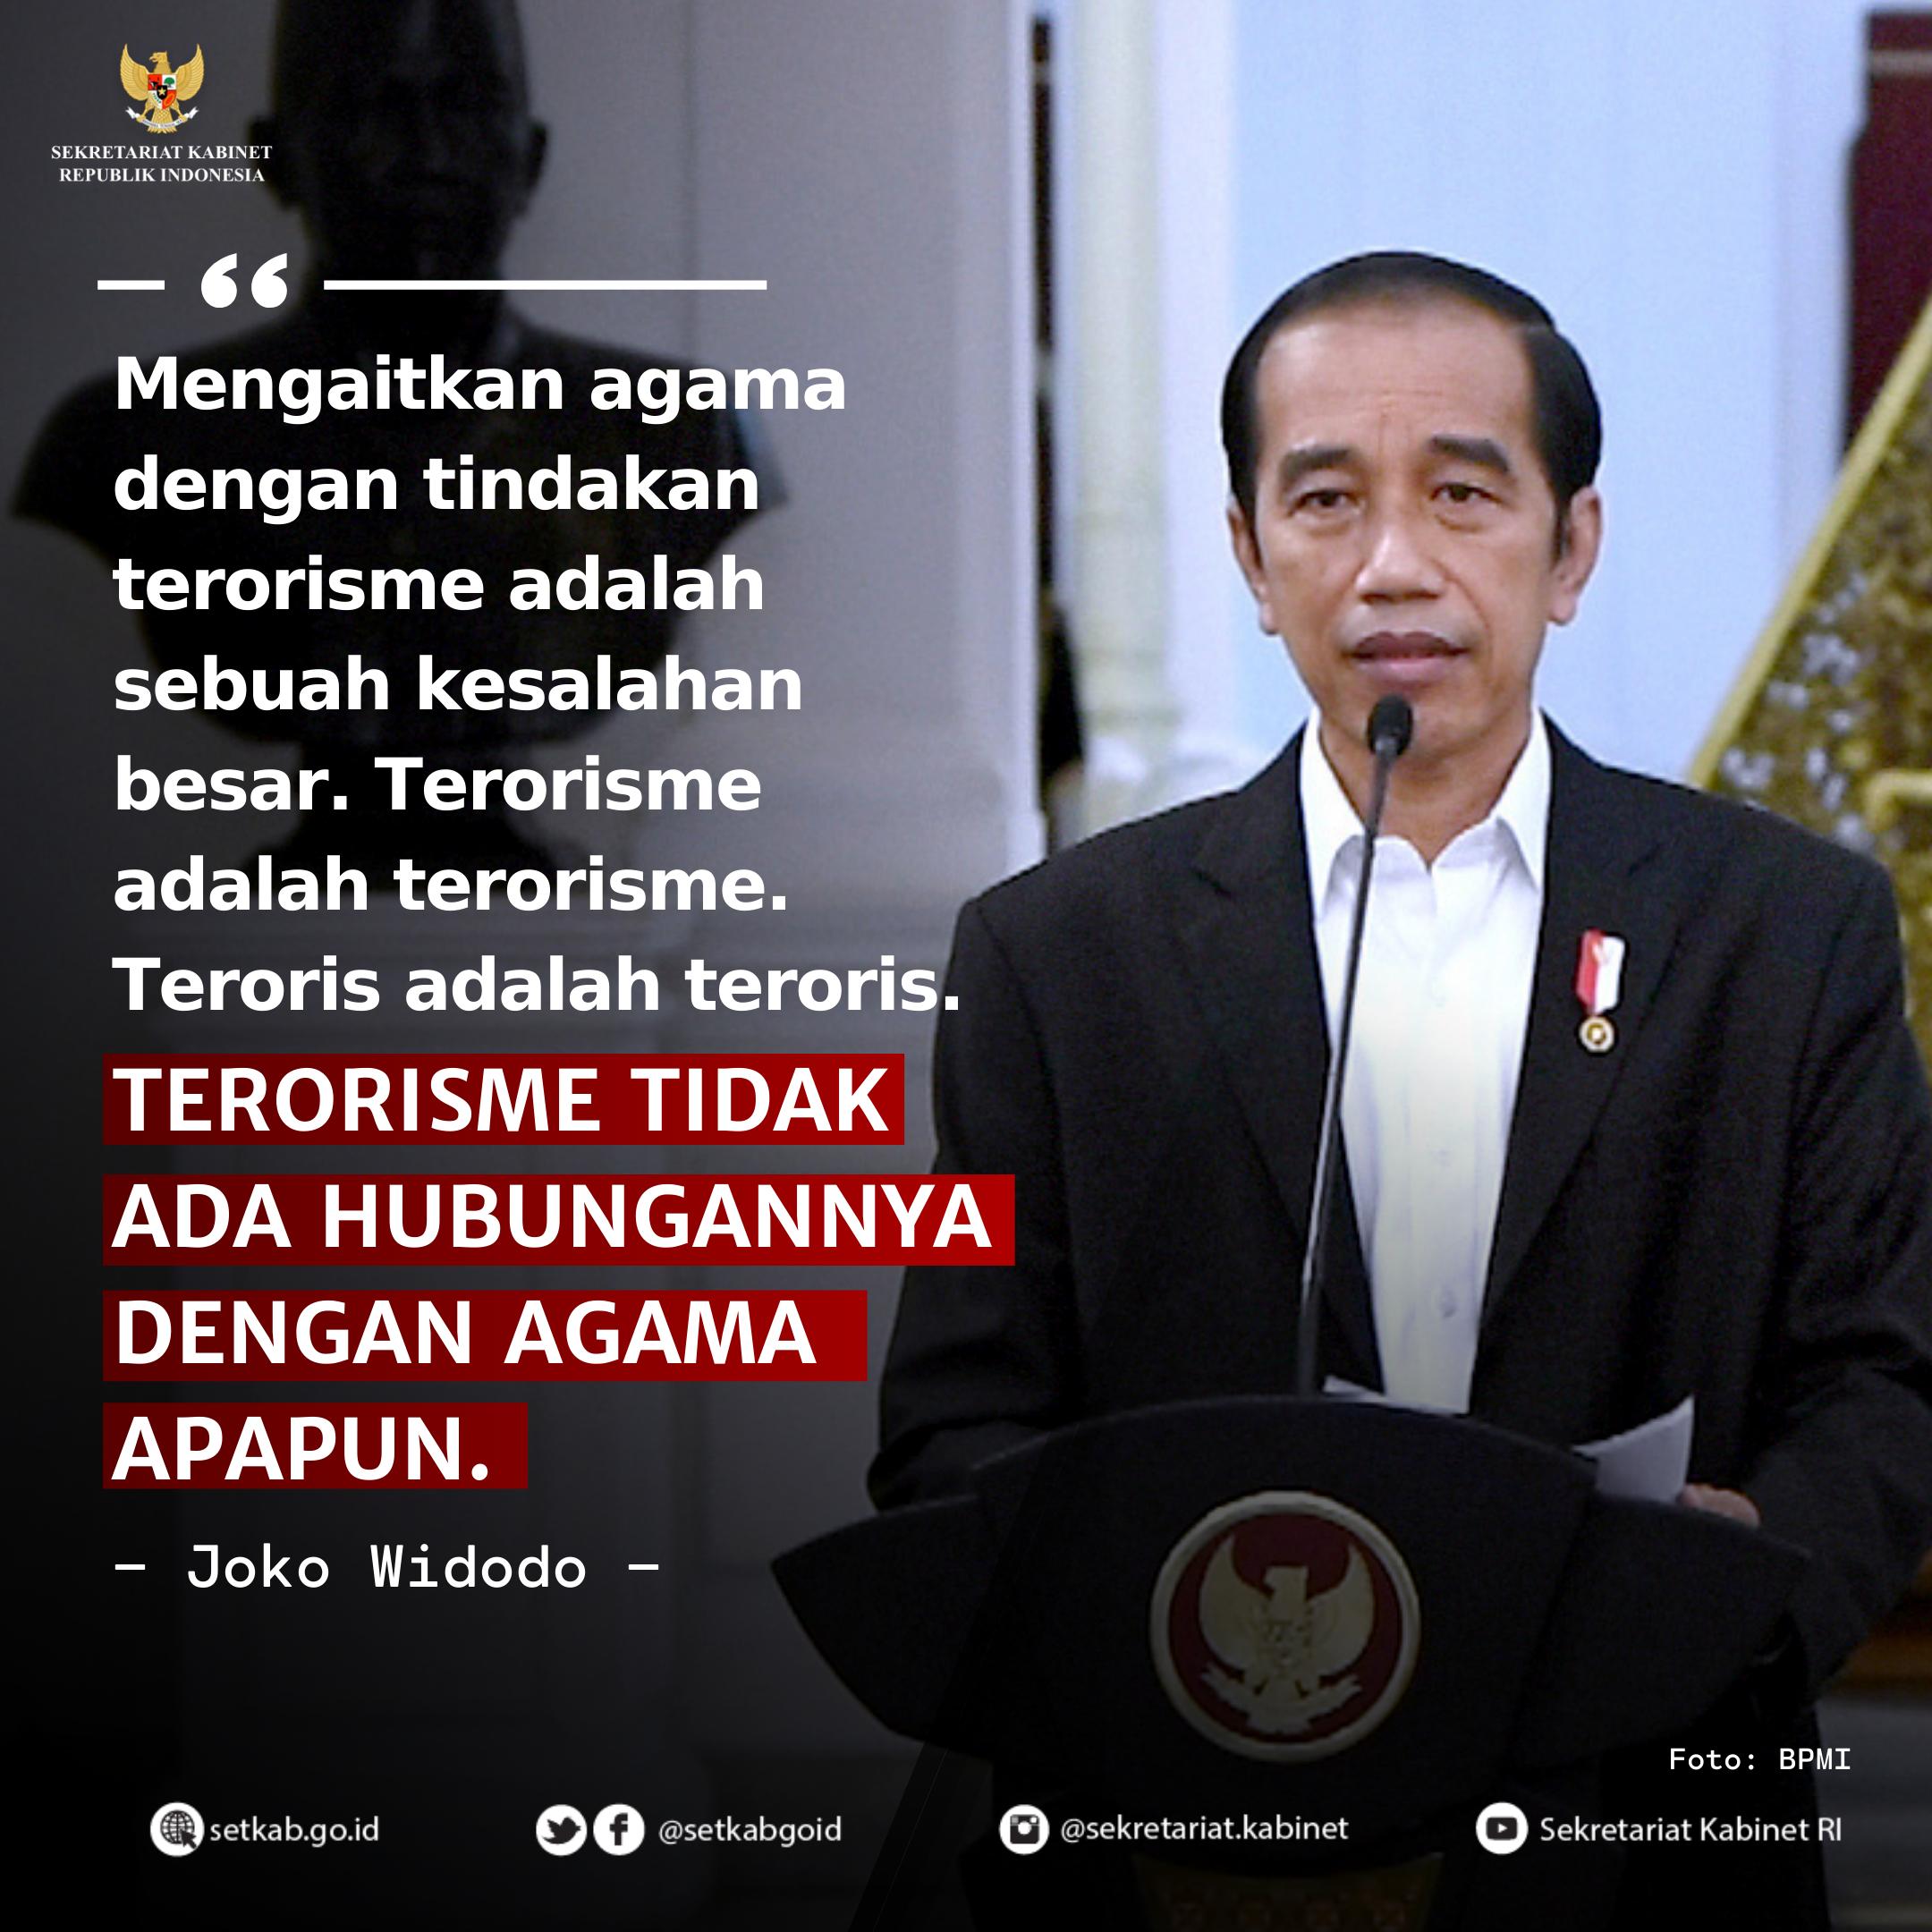 Pernyataan Pers Presiden Joko Widodo Usai Bertemu Para Pemuka Agama di Indonesia, Sabtu (31/1)